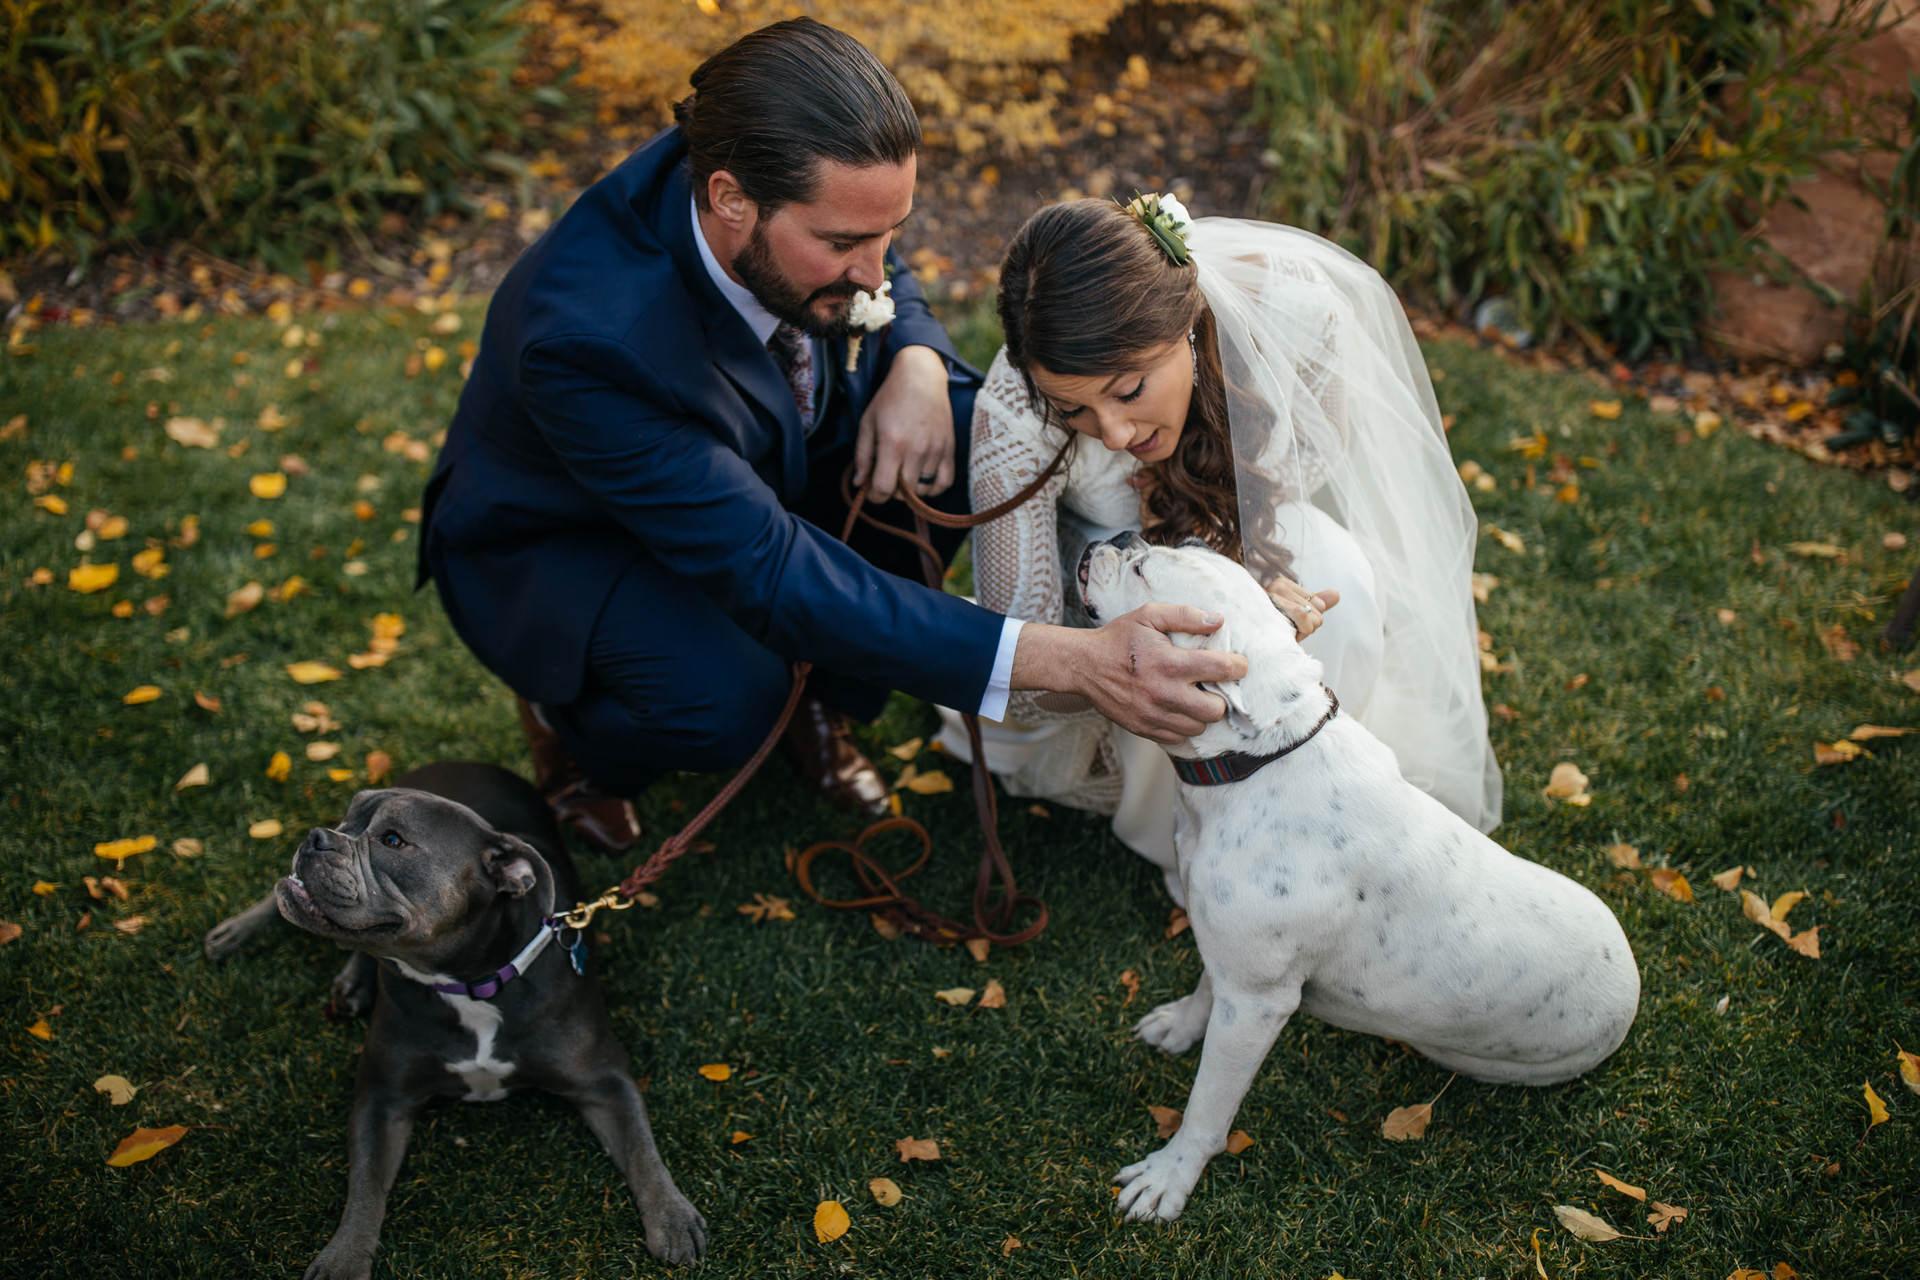 Louland Falls pet friendly wedding venue